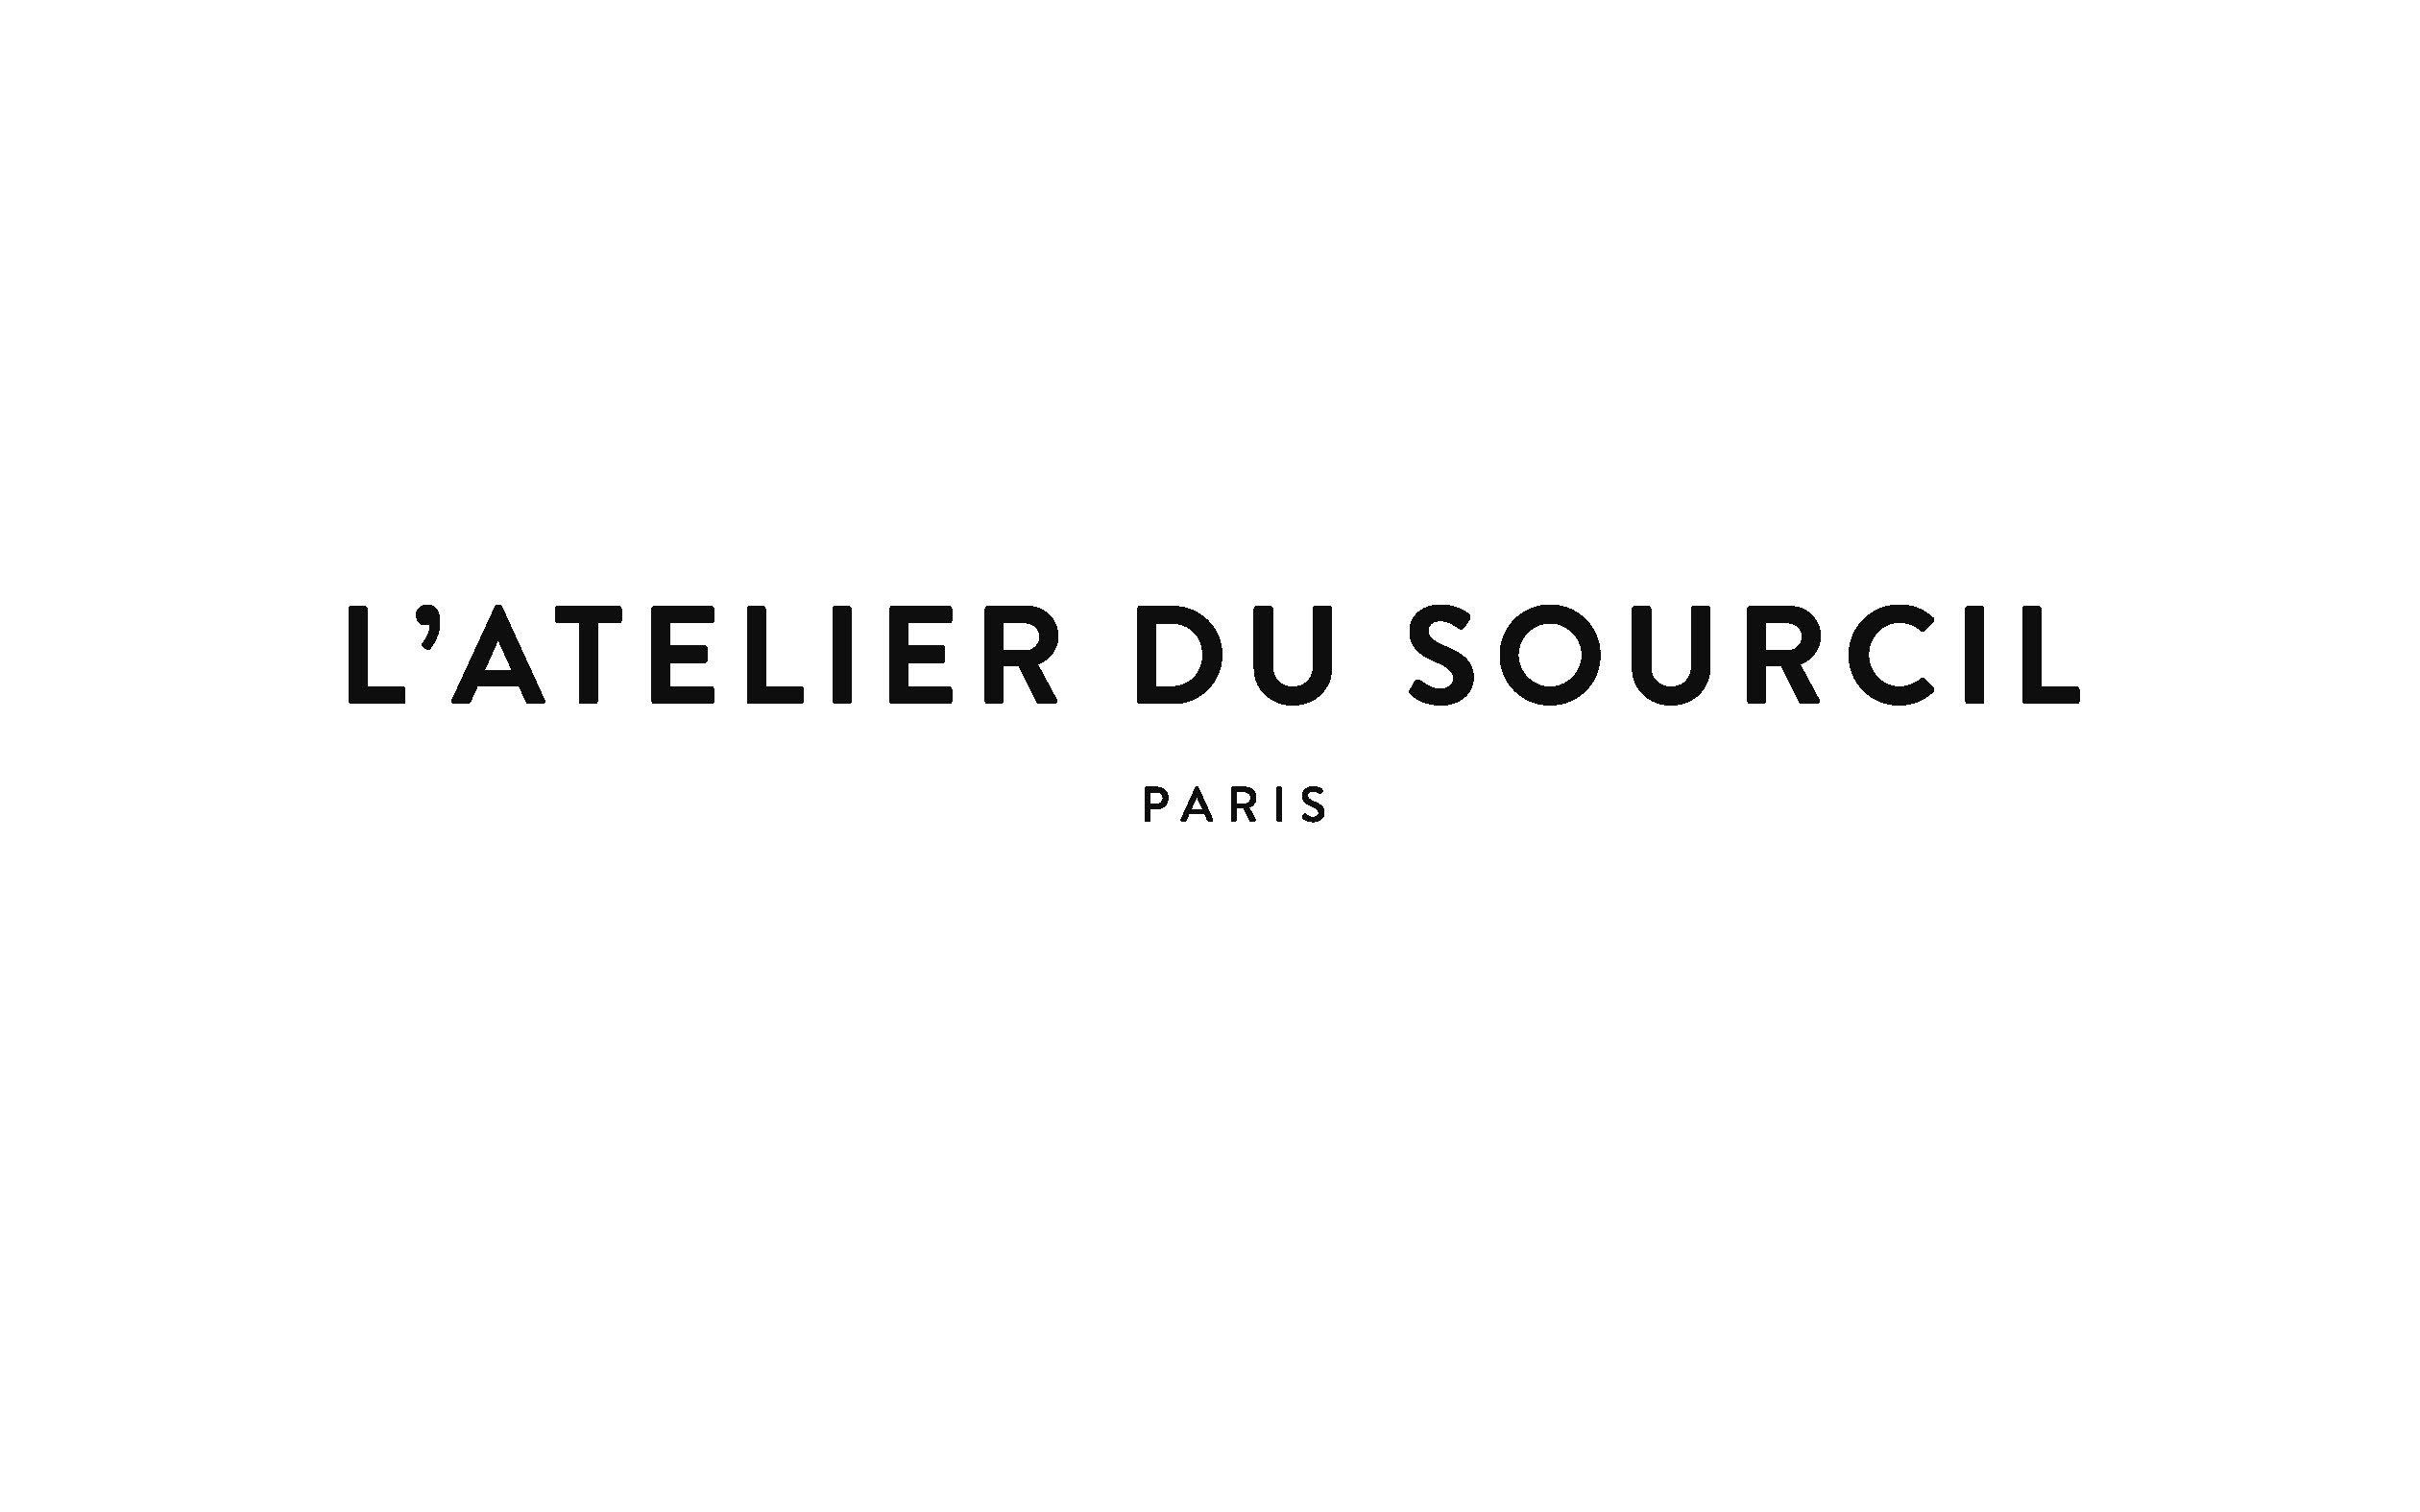 L'Atelier du Sourcil - Tours institut de beauté